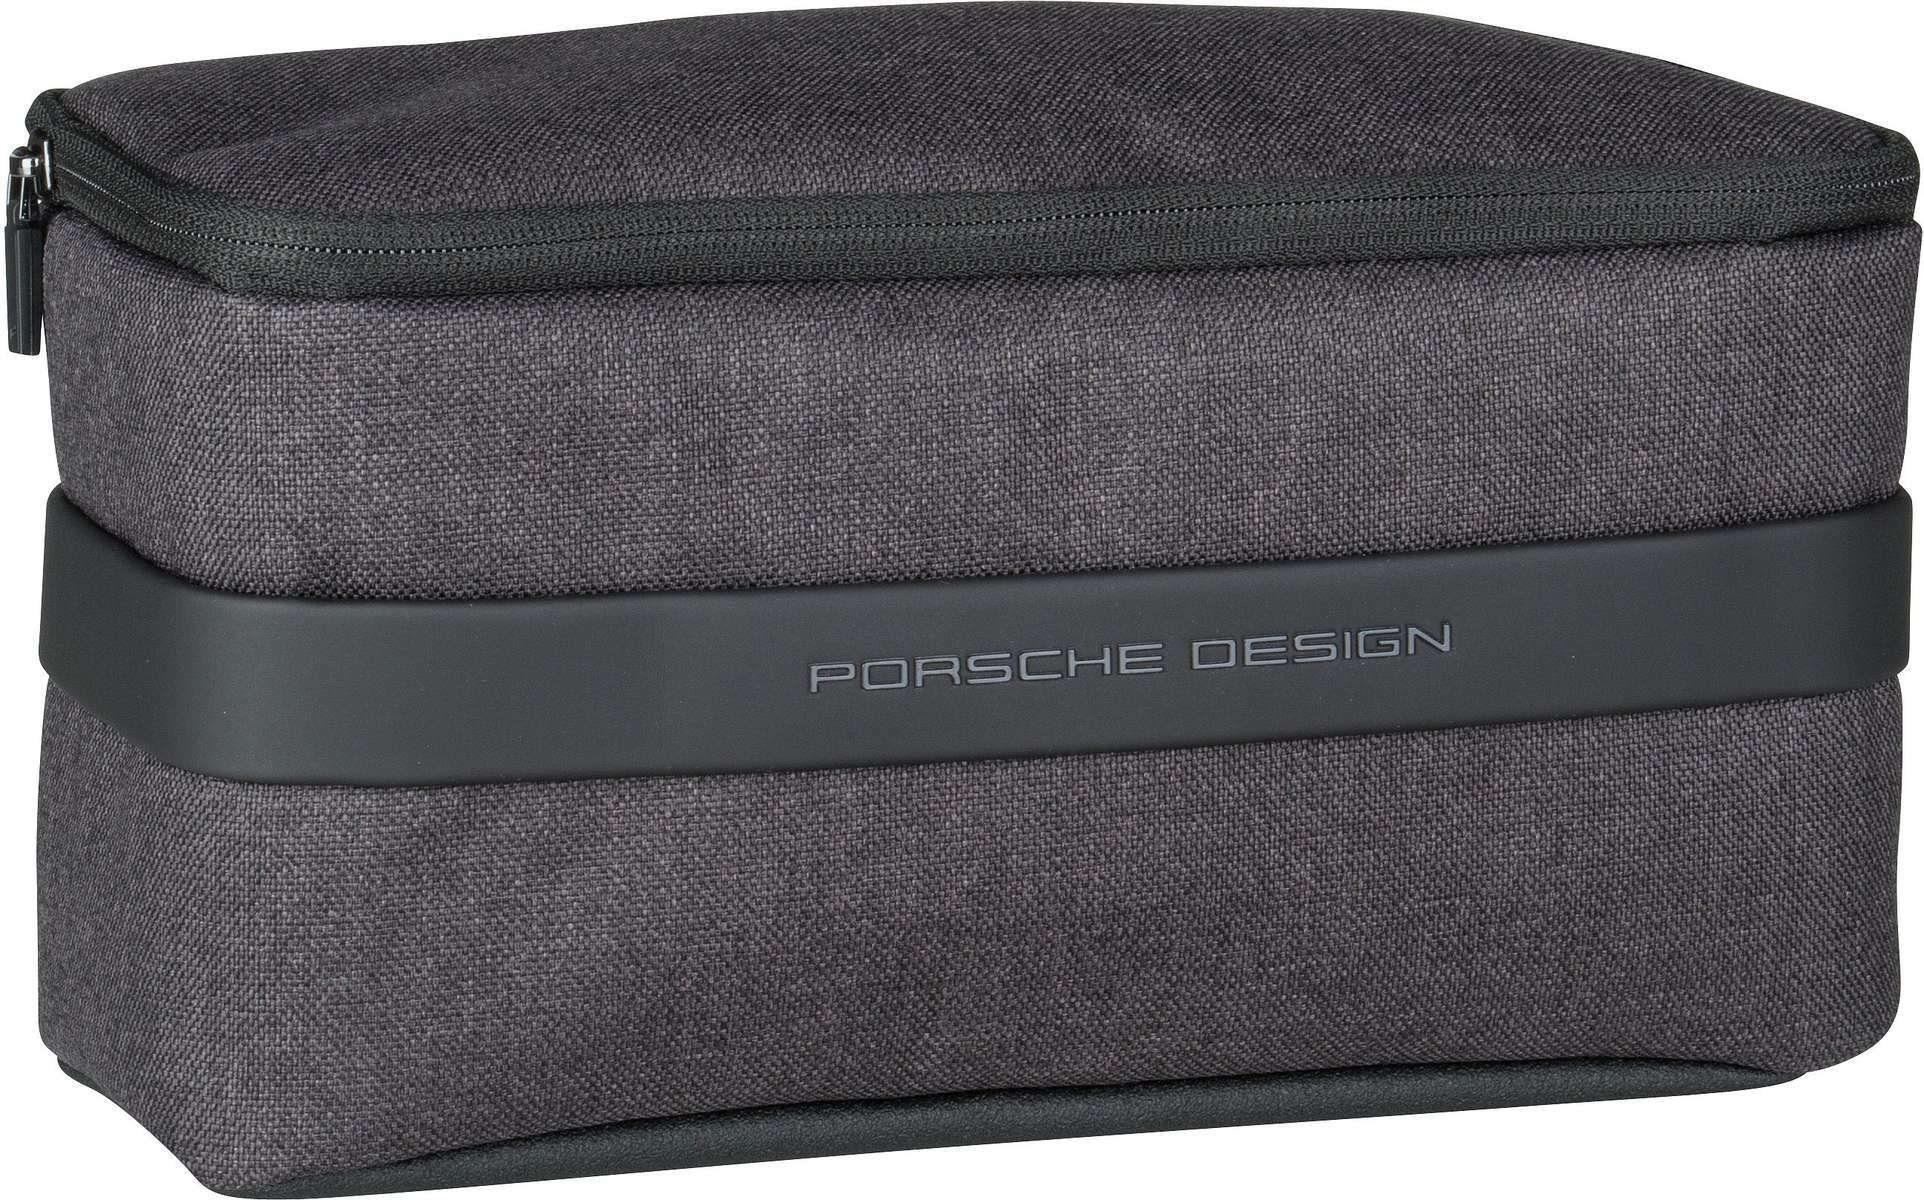 Unisex PORSCHE Design Kulturbeutel / Beauty Case »Cargon CP WashBag SHZ 1« blau, grau | 04053533748235